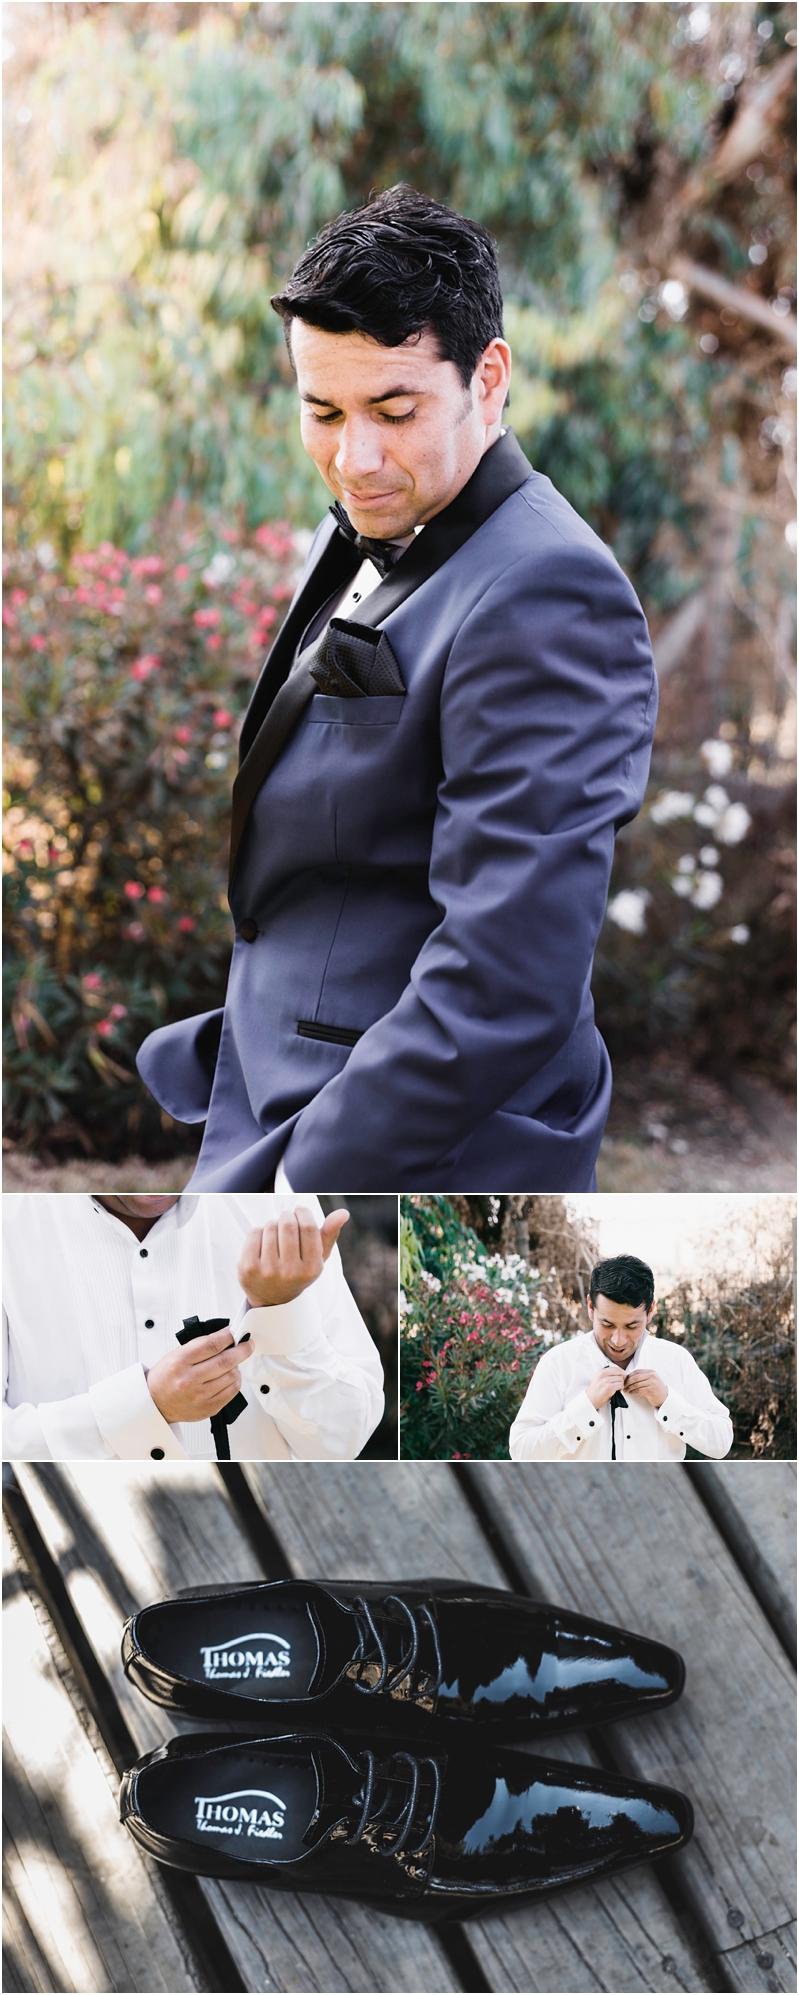 Fotografía de Matrimonio: Preparativos Novio